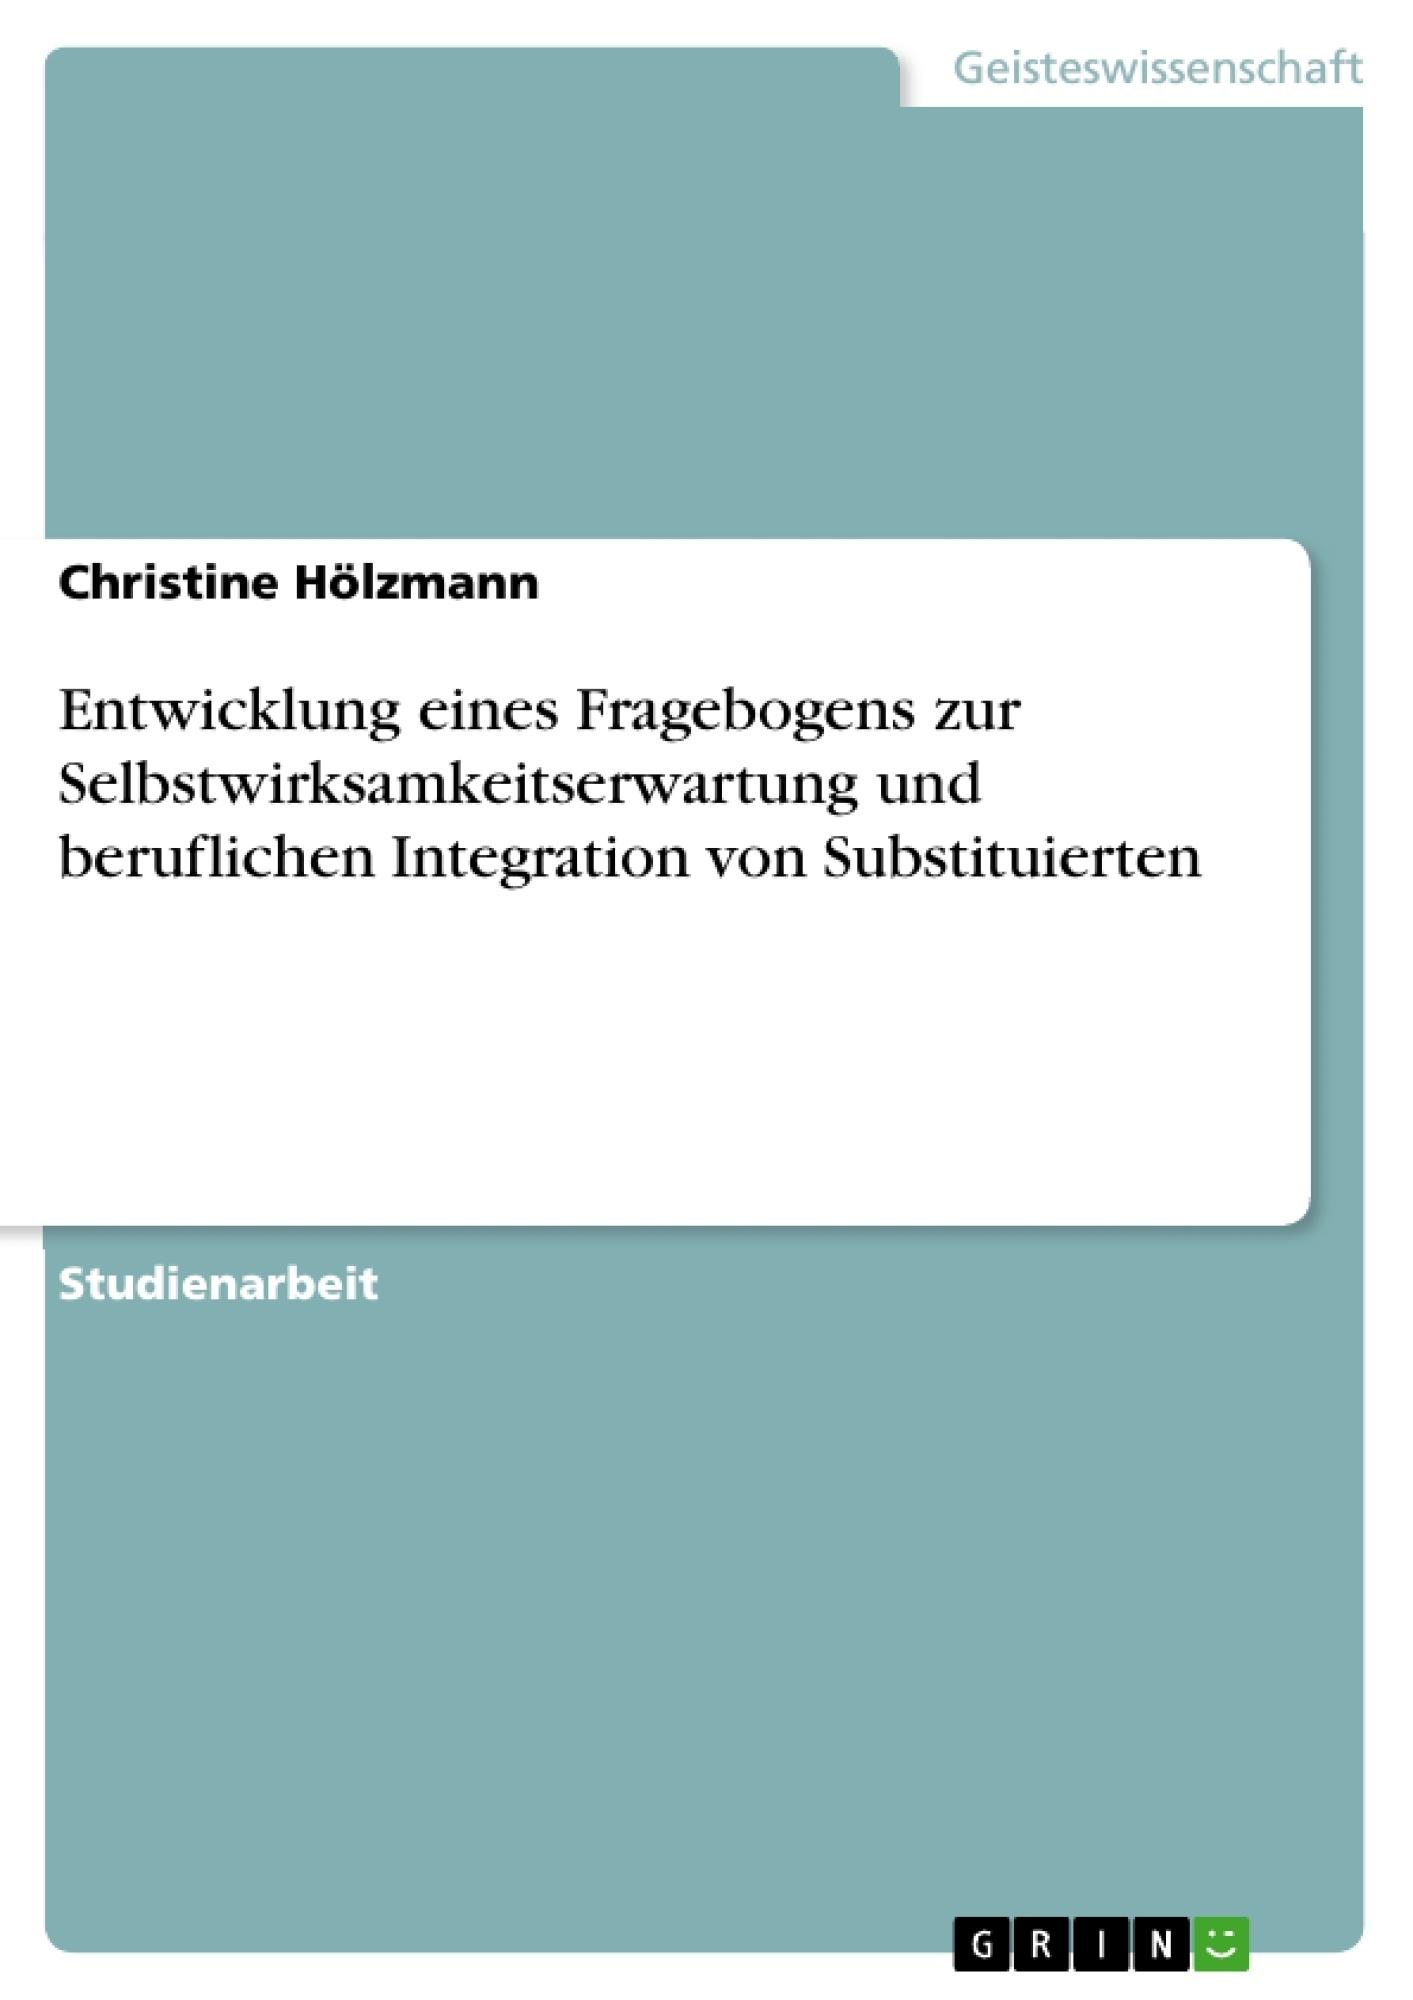 Titel: Entwicklung eines Fragebogens zur Selbstwirksamkeitserwartung und beruflichen Integration von Substituierten